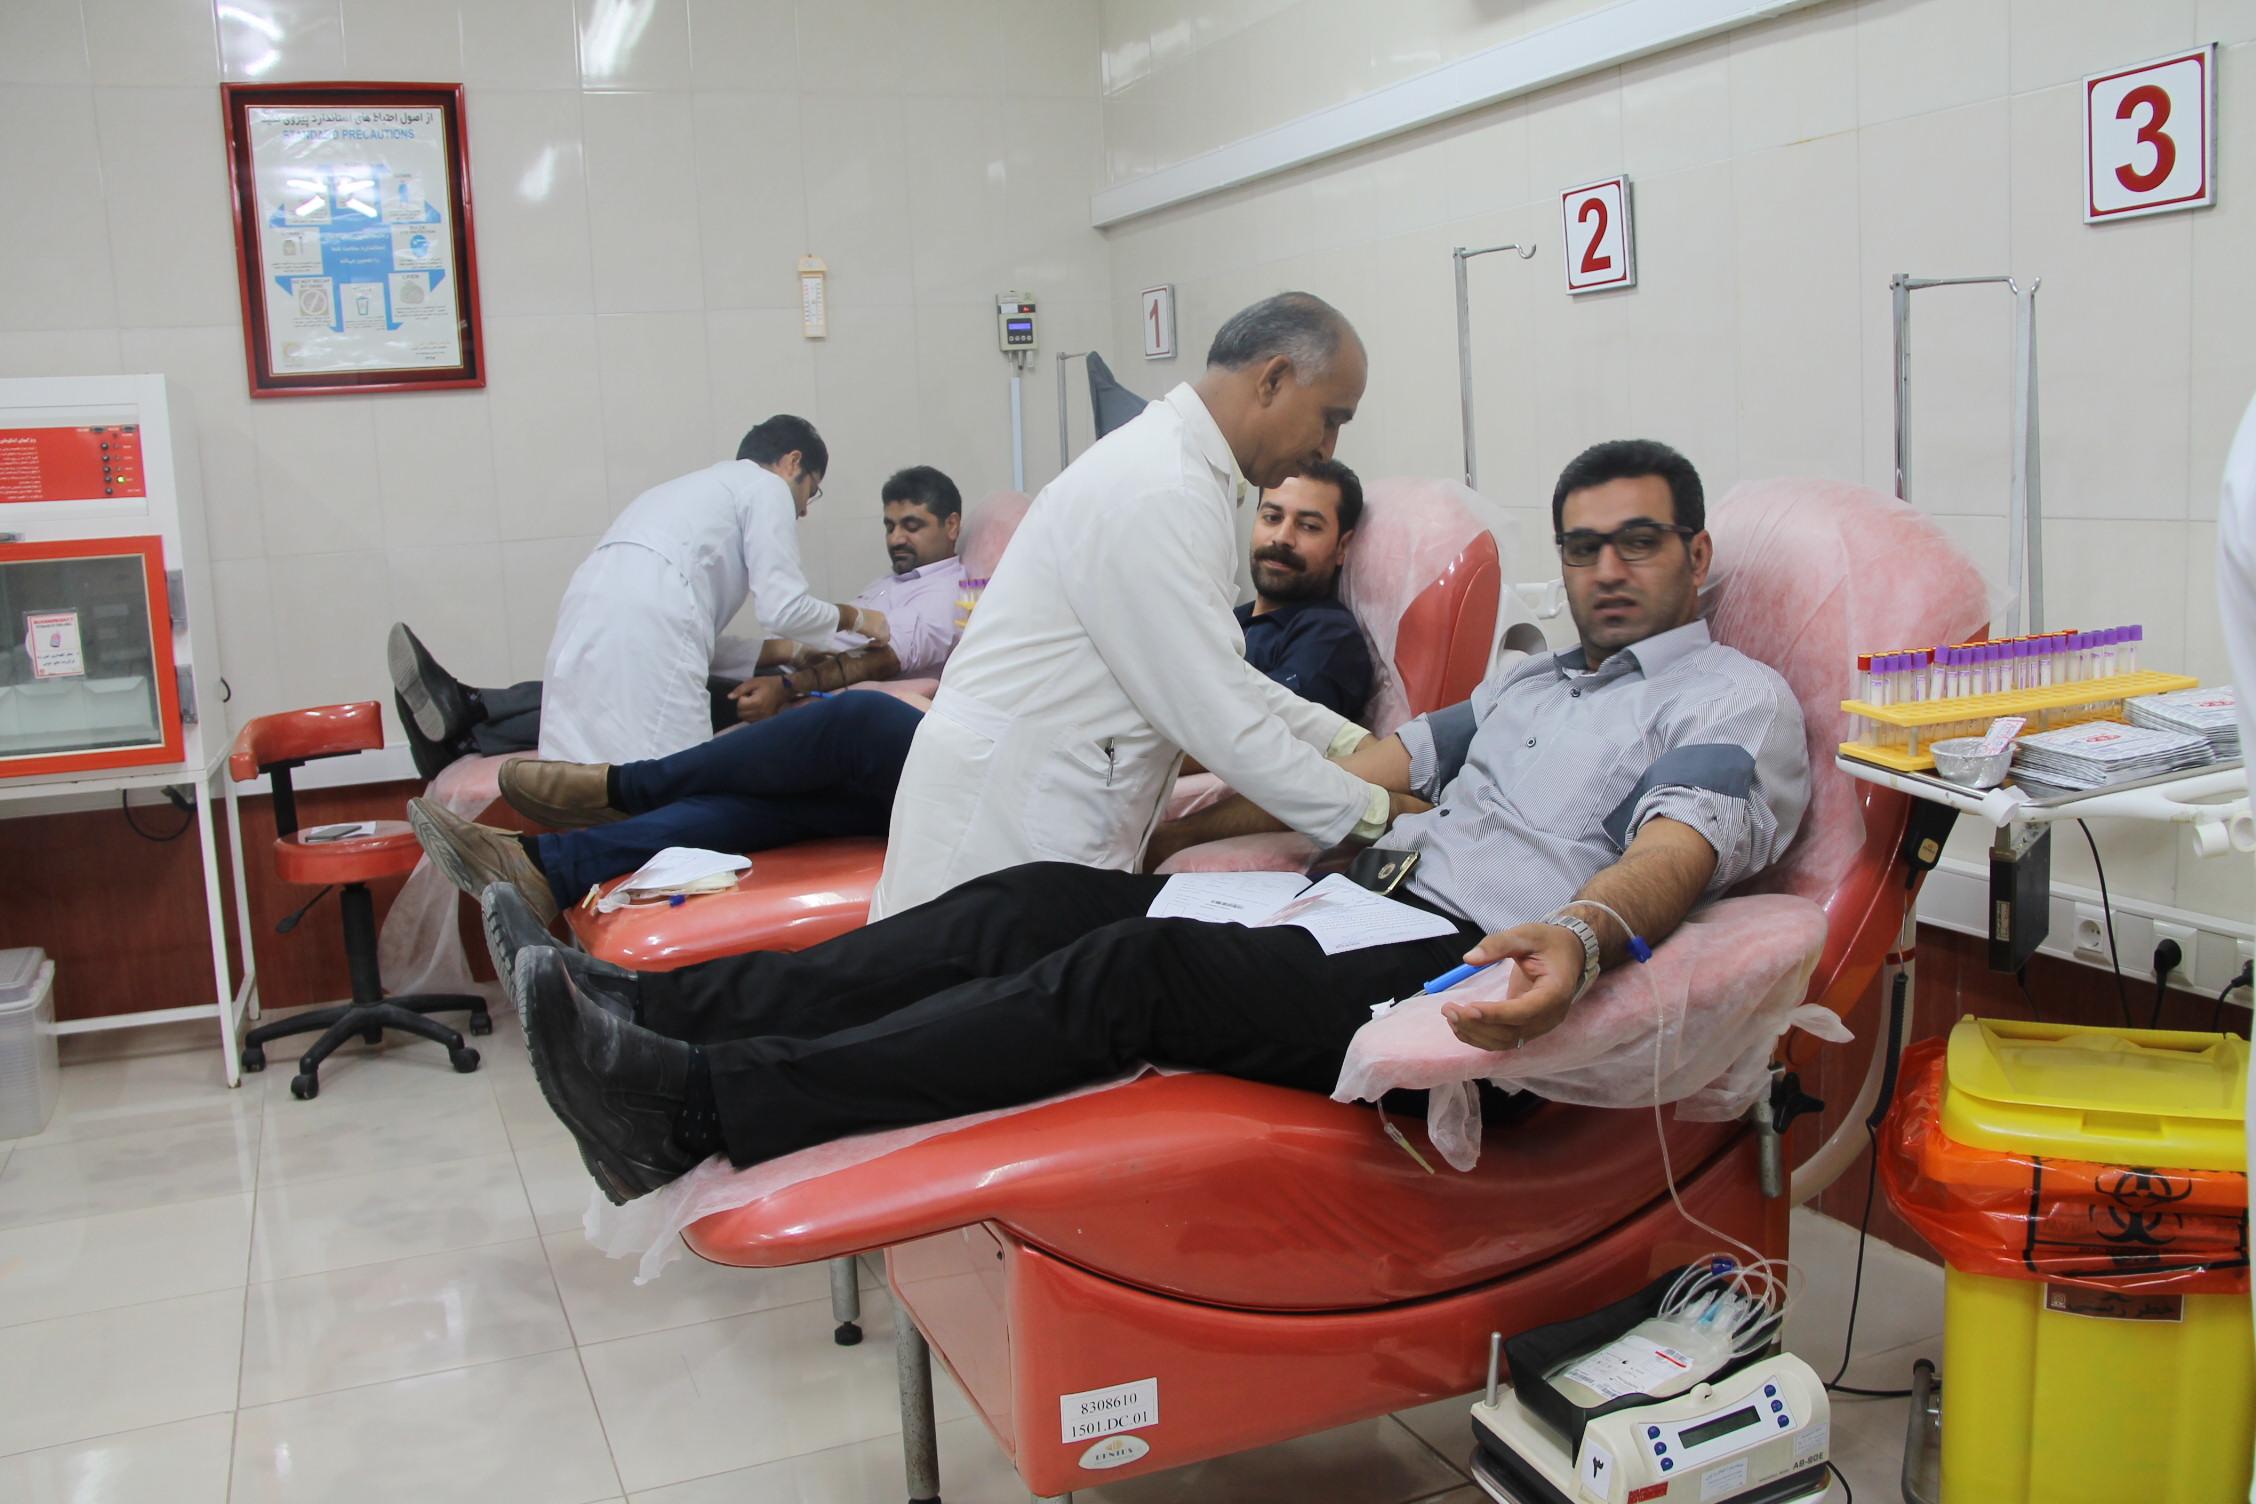 اهدا خون جمعی از کارکنان شرکت ملی نفت چابهاربرای کمک به مردم زلزله زده کرمانشاه